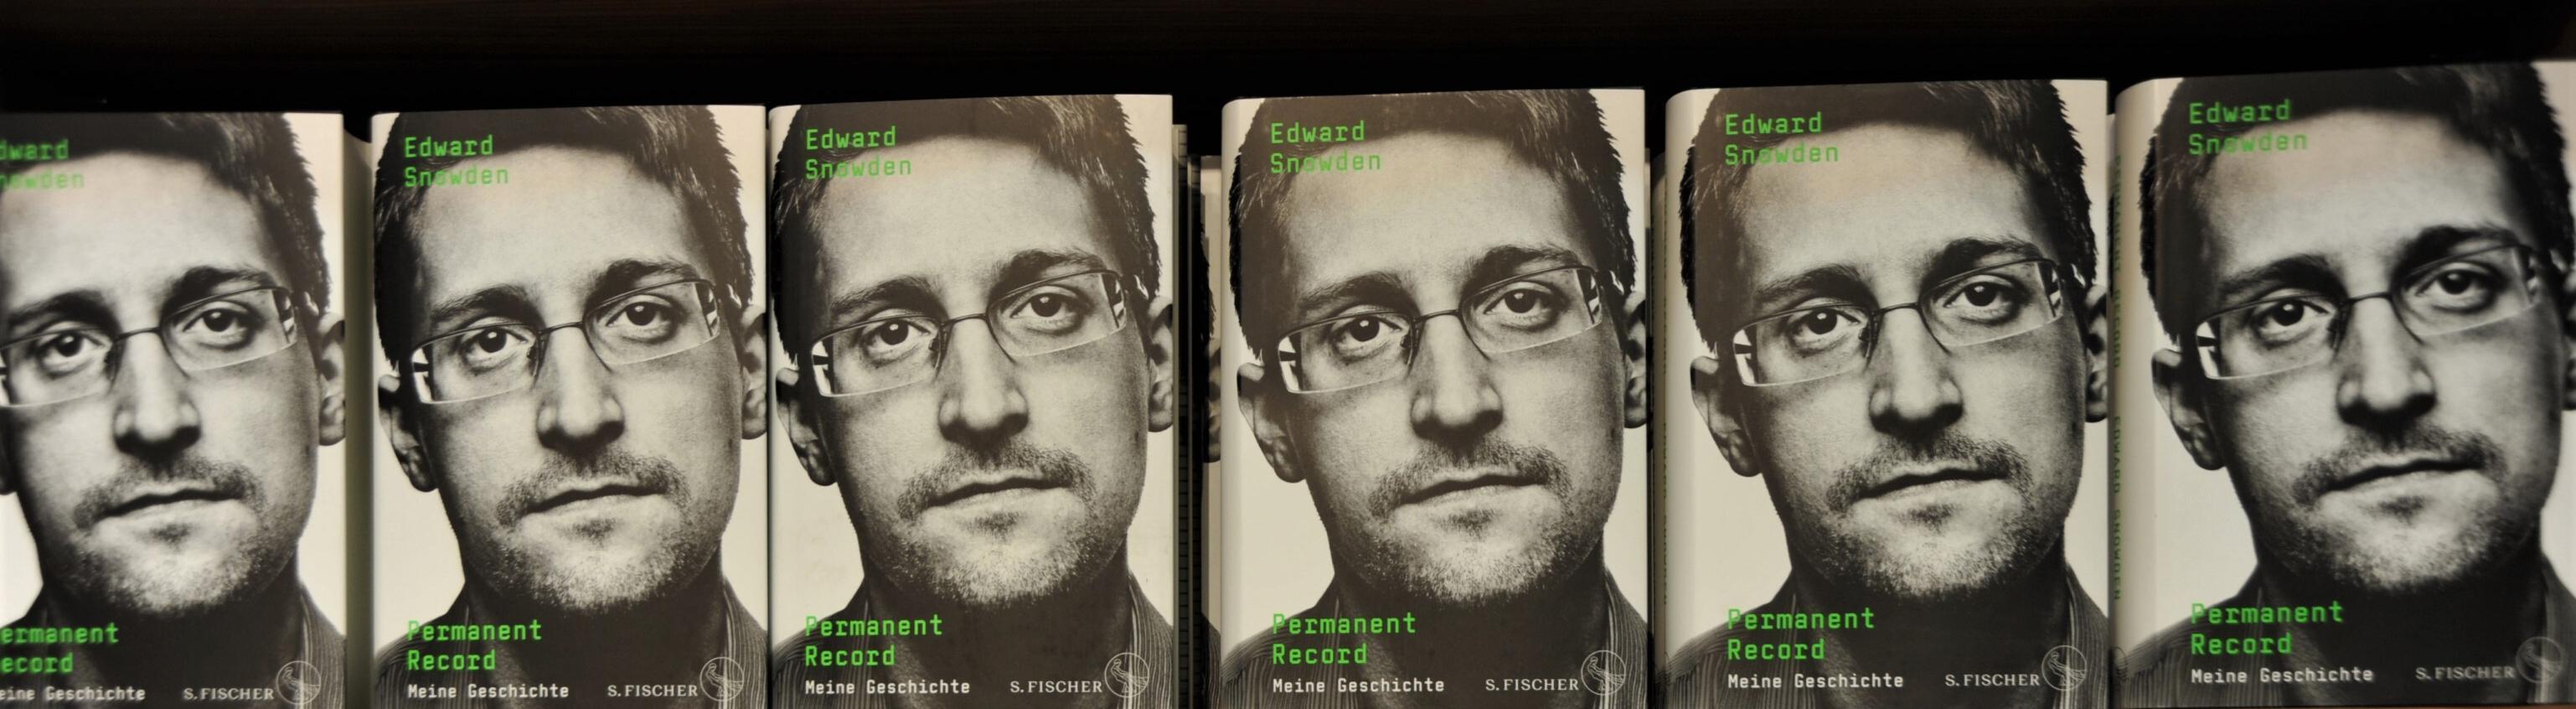 dward Snowden, Buchtitel - Permanent Record bzw Meine Geschichte, erschienen im S.Fischer Verlag